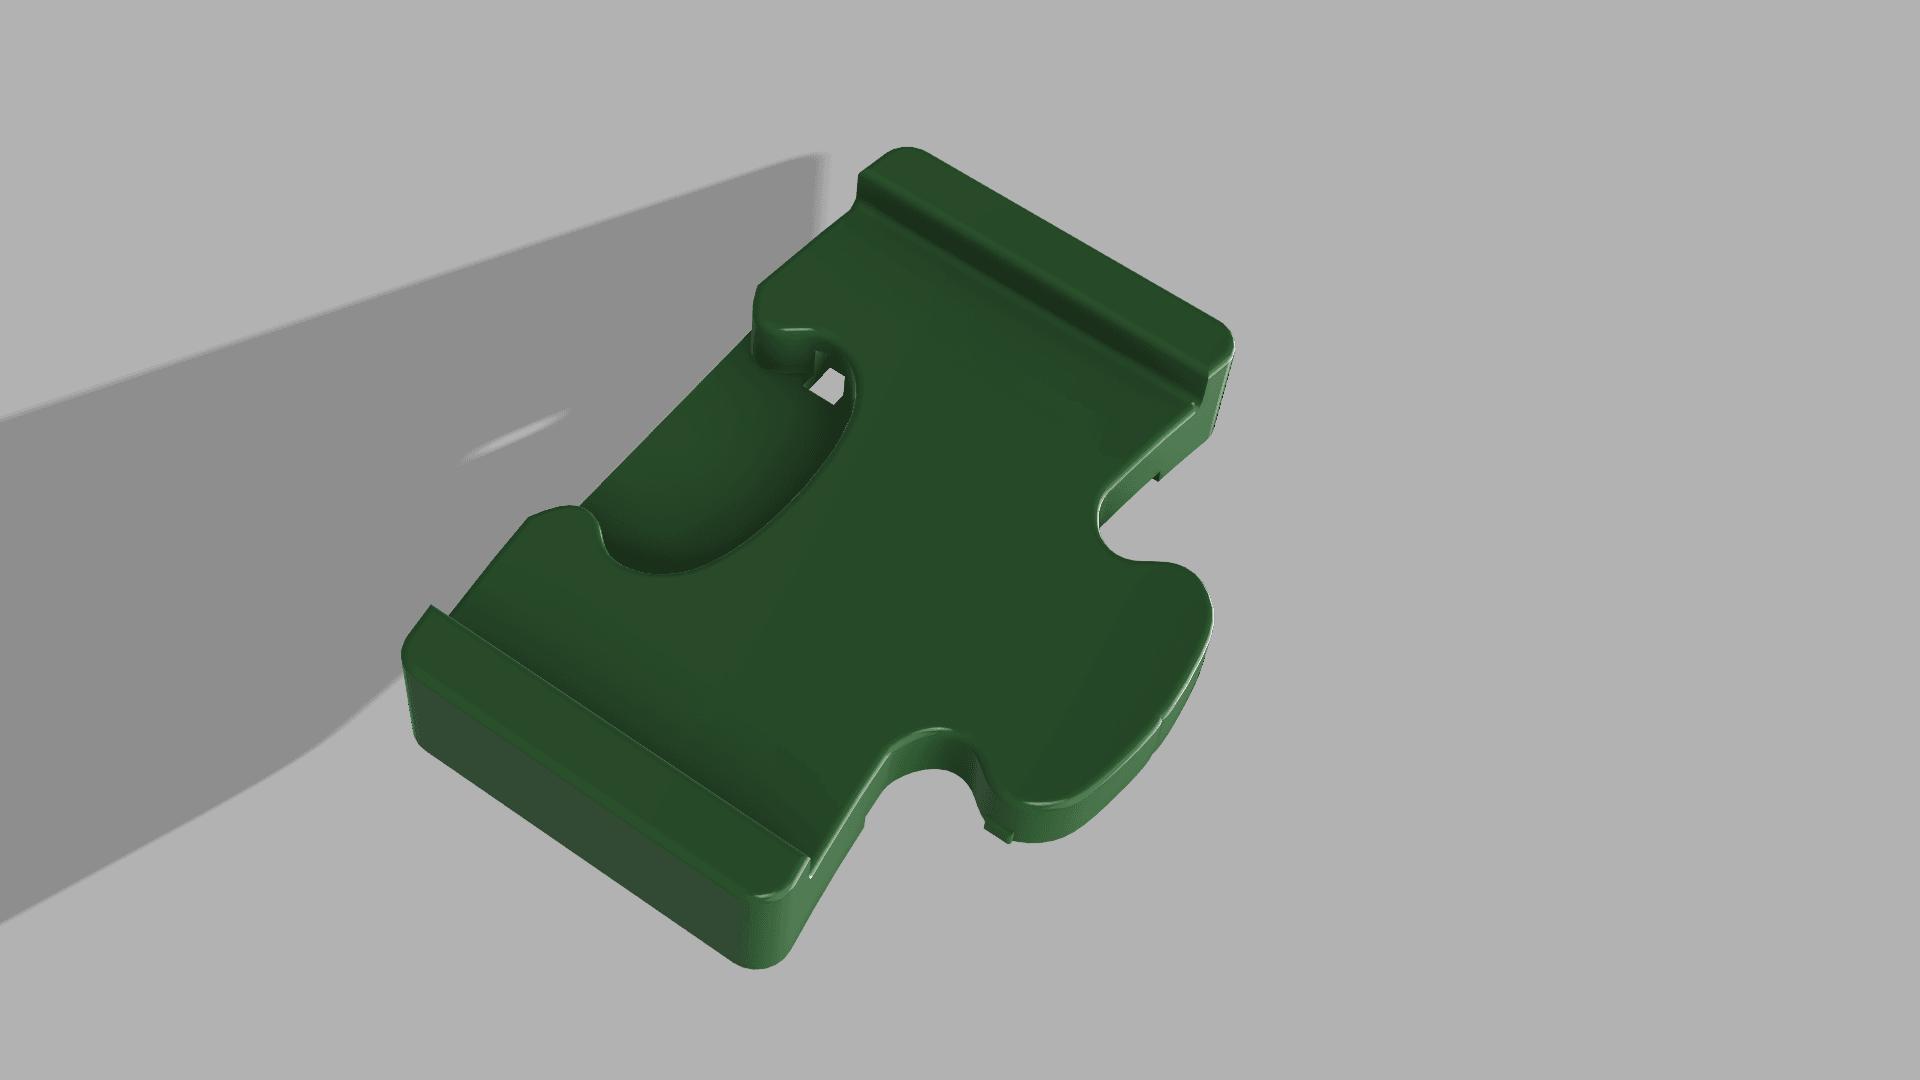 tutute_bolide v5.png Télécharger fichier STL gratuit tutute bolide circuit part • Design pour impression 3D, MME